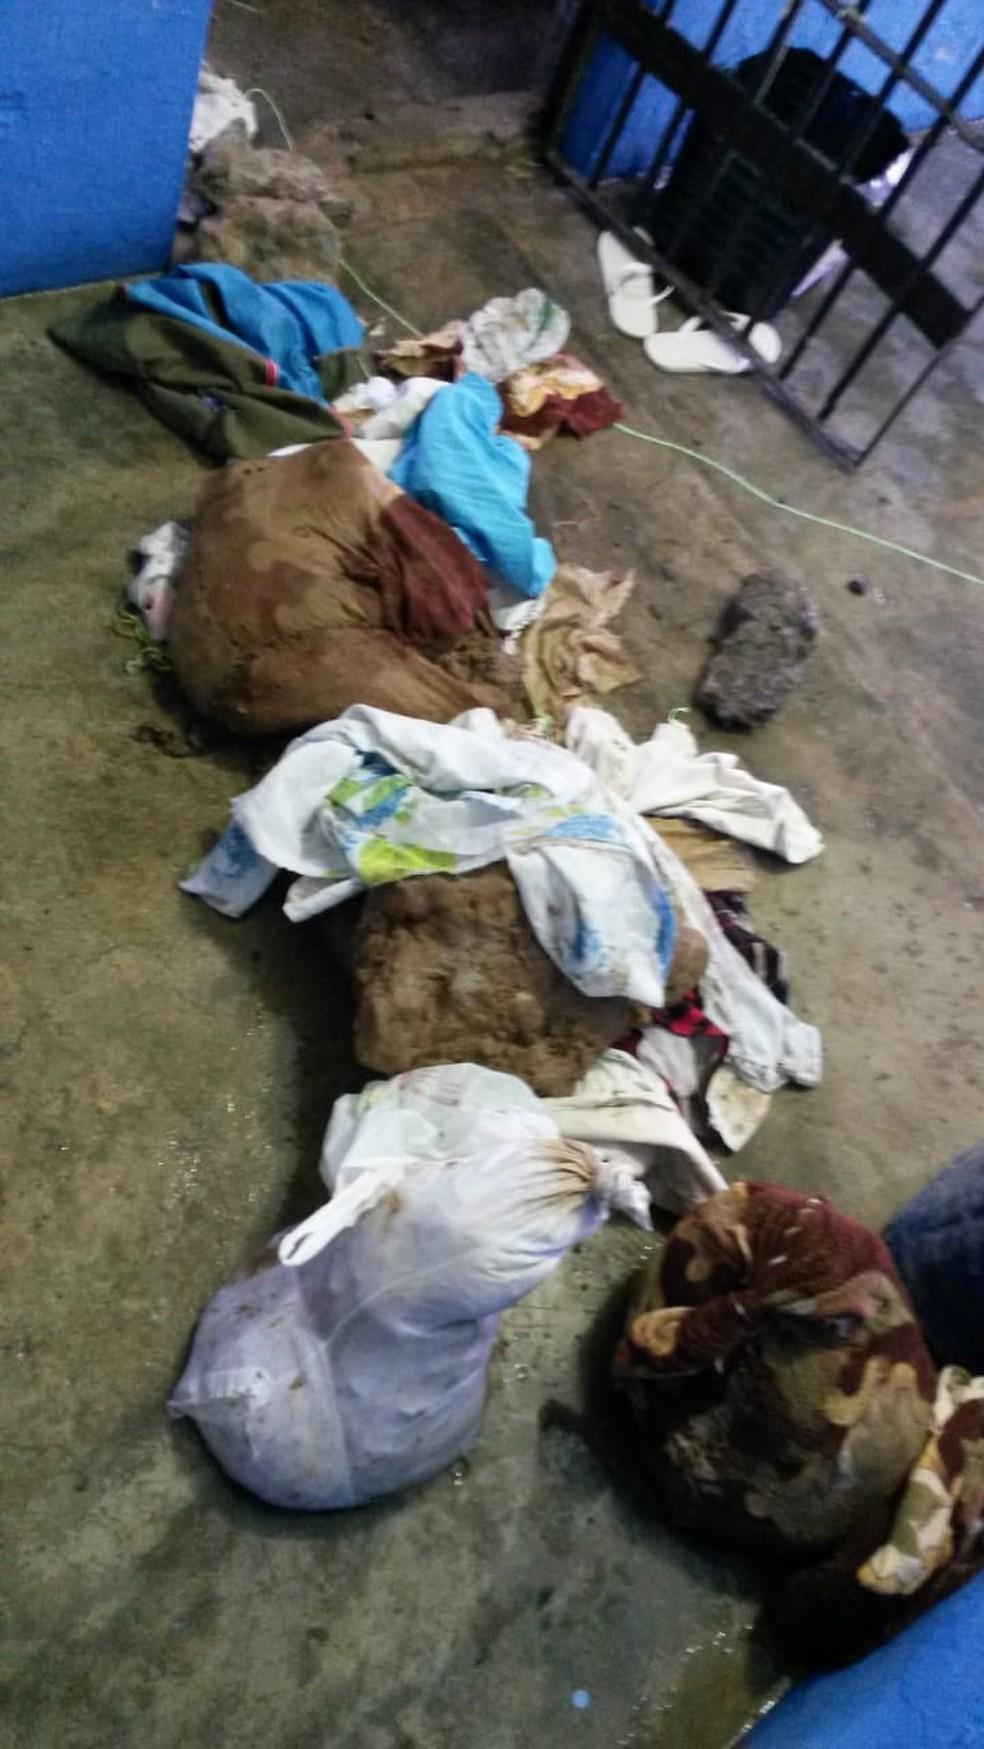 Terra escavada era escondida em lençóis — Foto: Gape/Assessoria/Divulgação